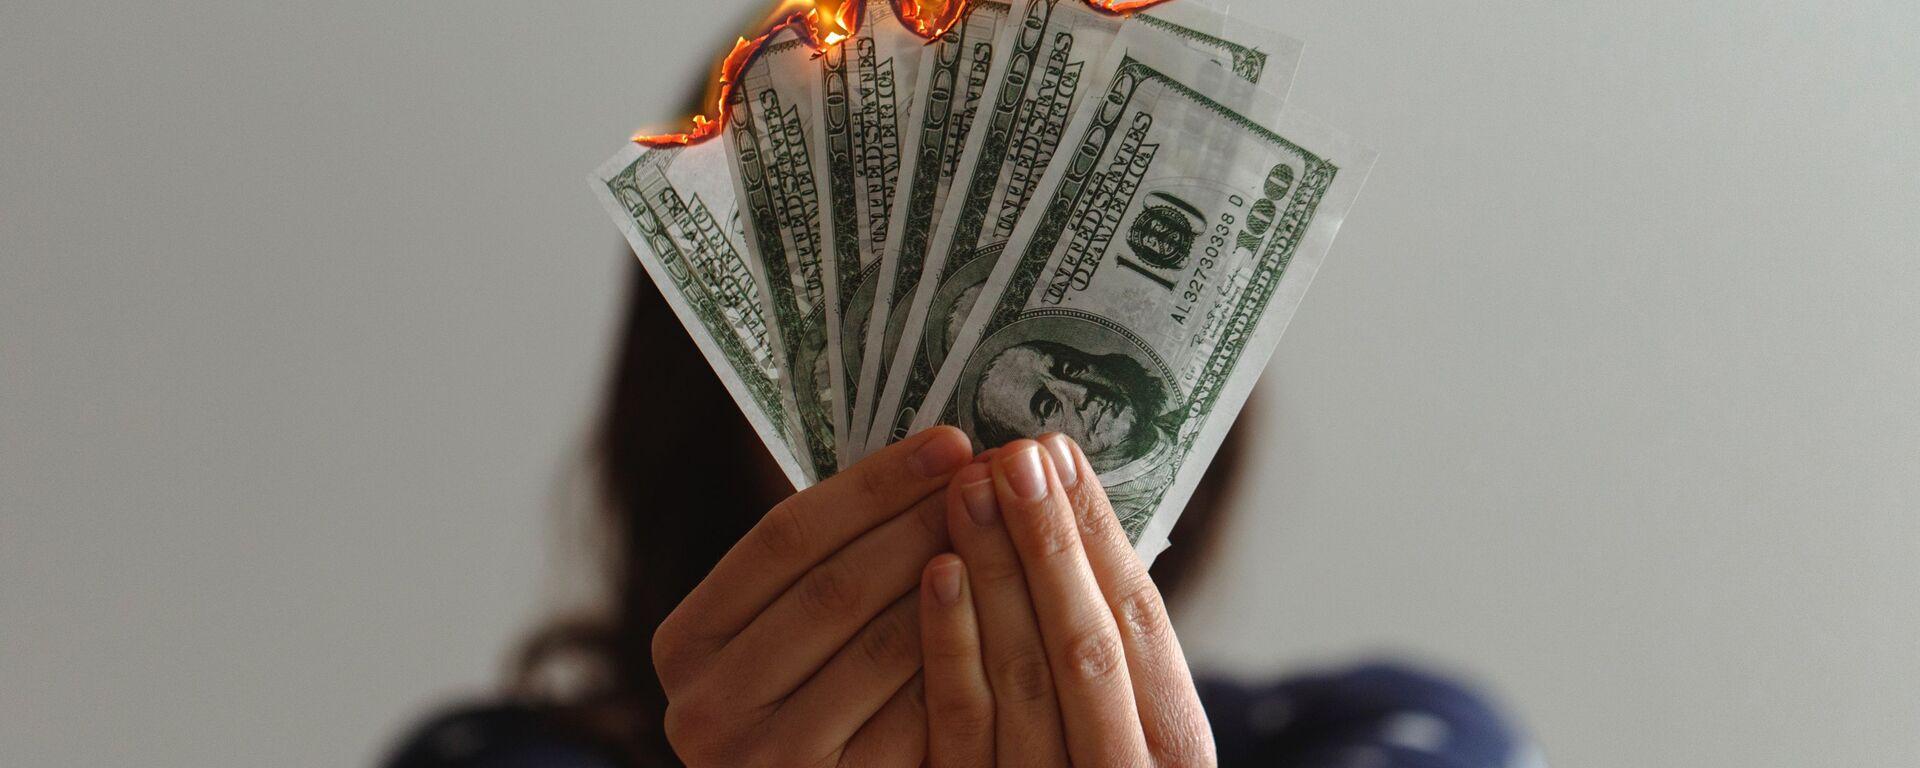 Dólares estadounidenses en llamas (imagen referencial) - Sputnik Mundo, 1920, 15.09.2021